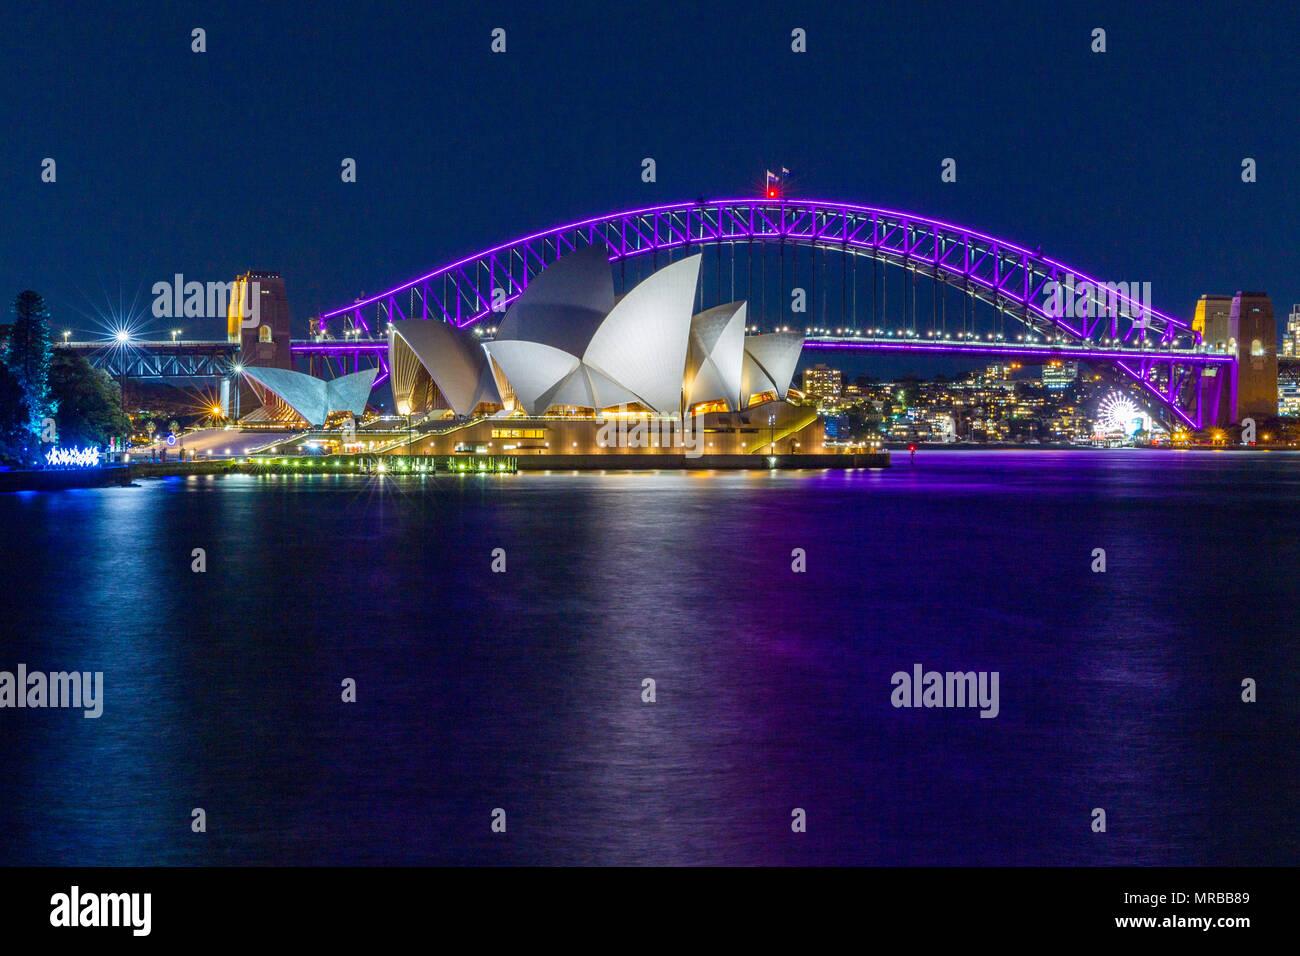 Il Ponte del Porto di Sydney e il Sydney Opera House durante il 2018 'Vivid Sydney' festival, che vede effetti speciali di illuminazione visualizzati sul notevole landmar Immagini Stock